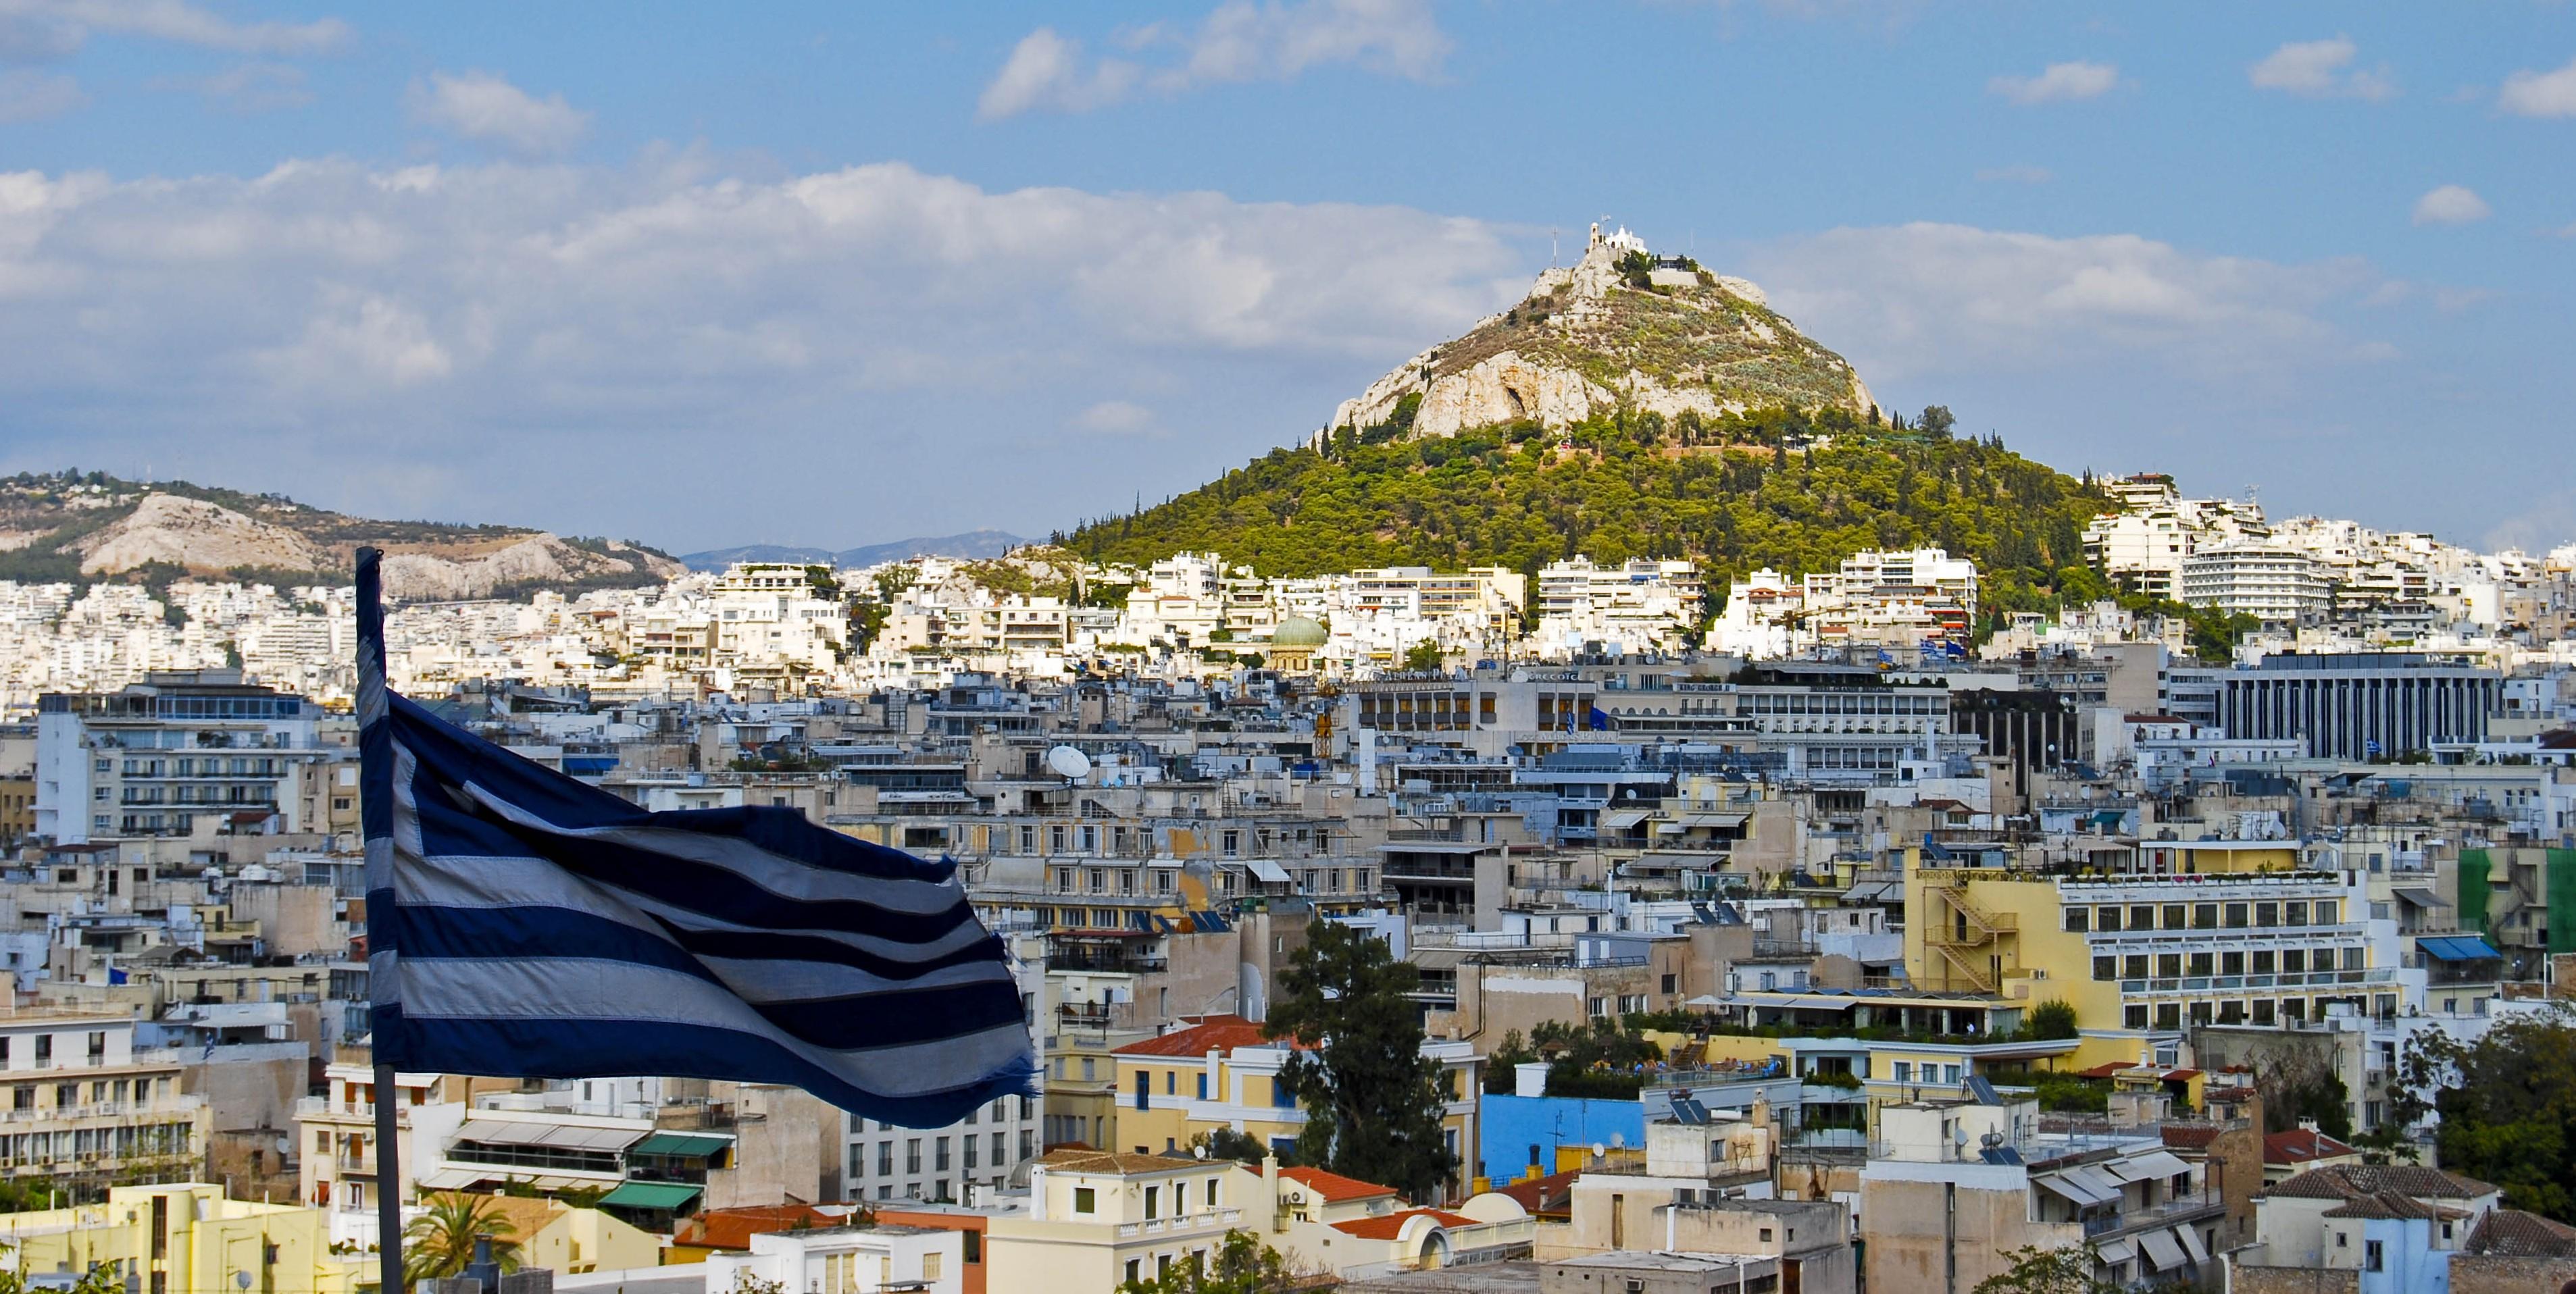 Atina grcka